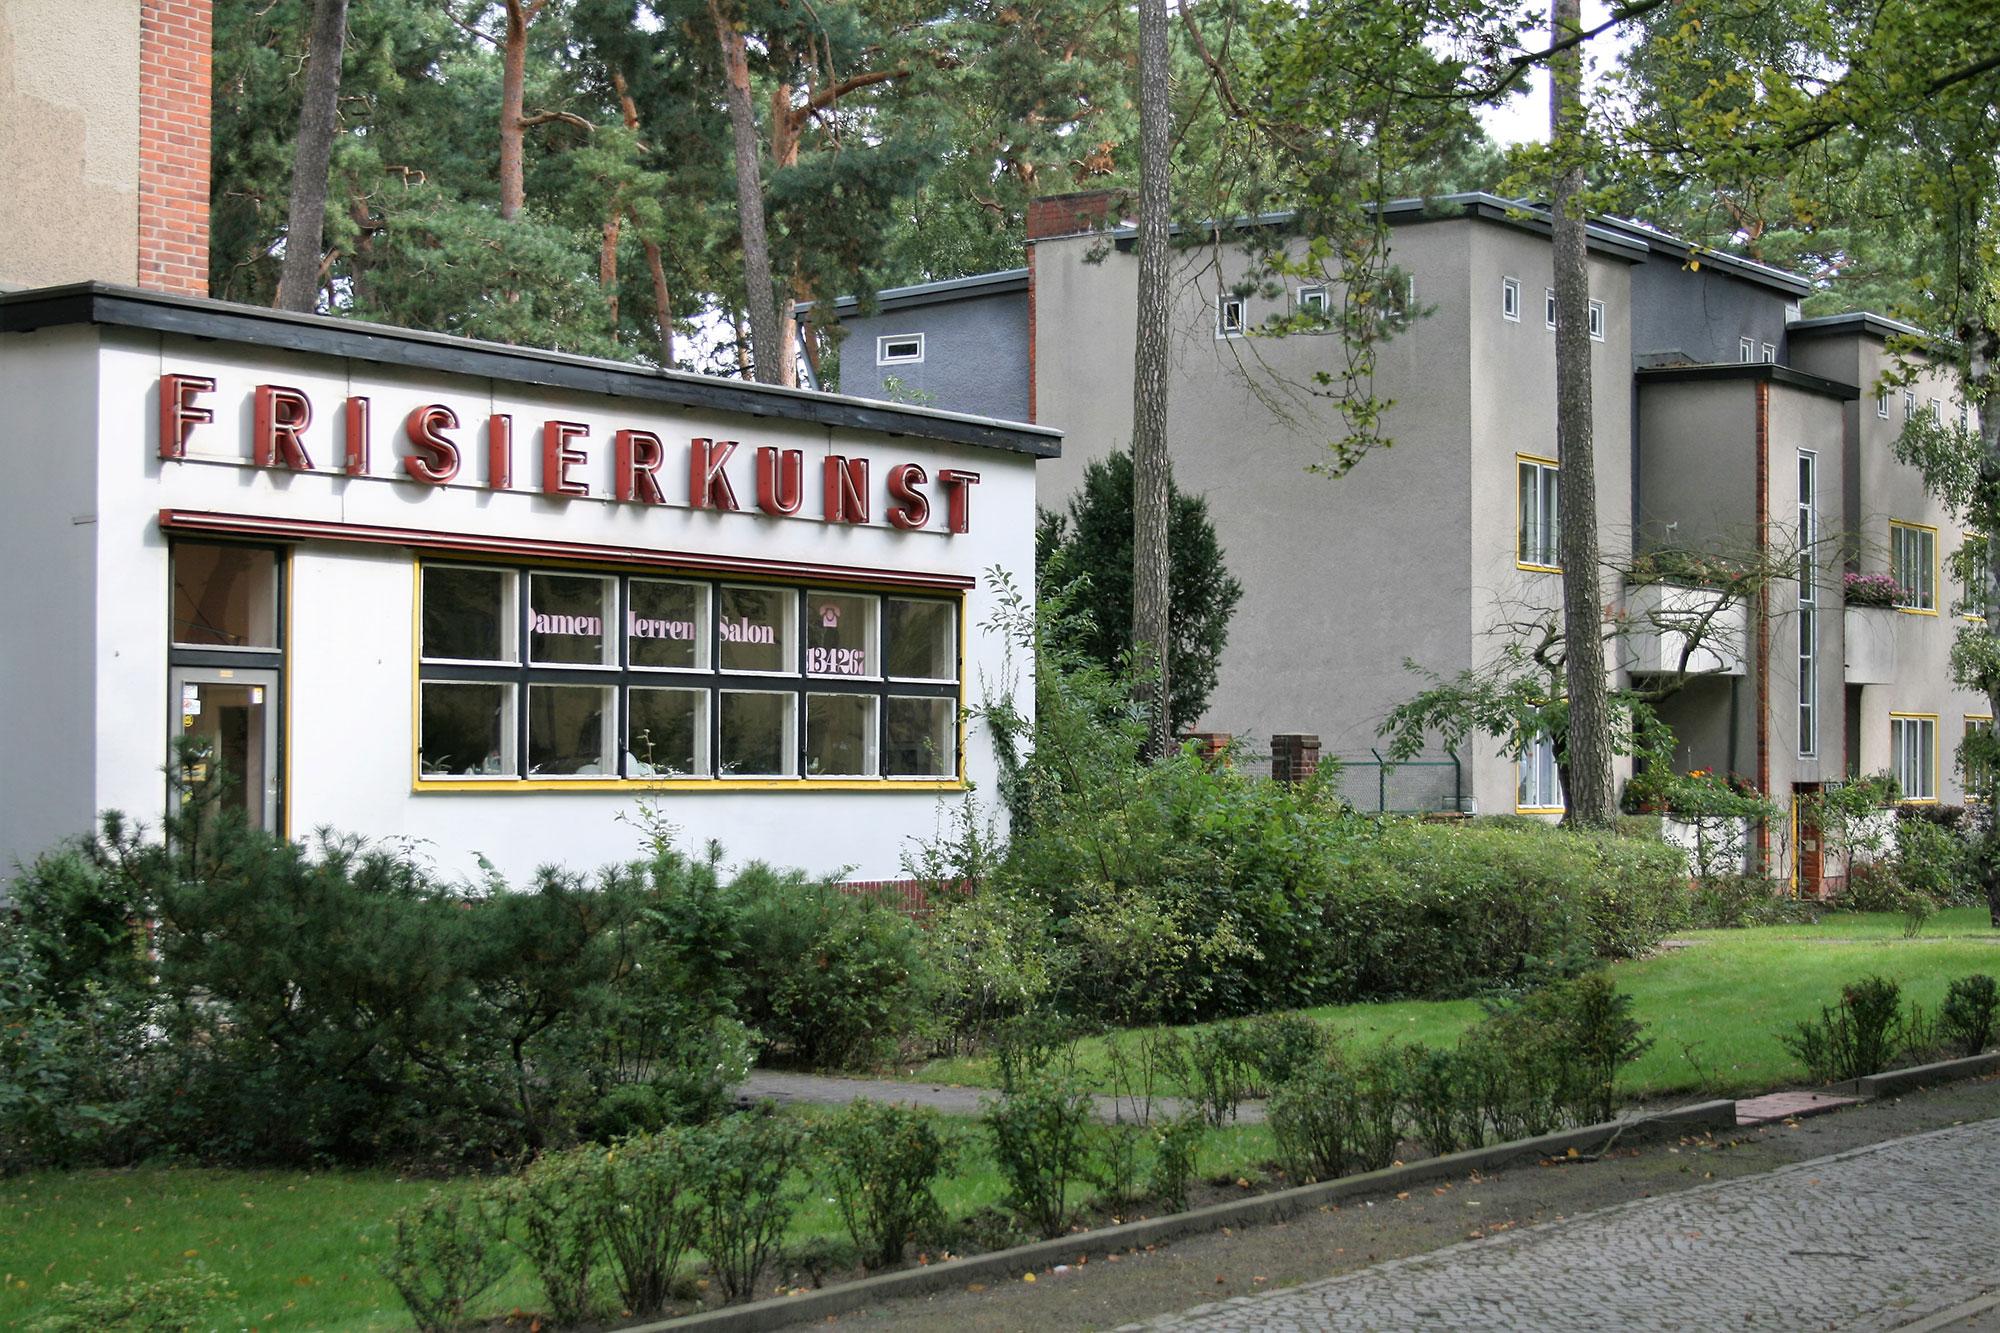 Πολιτικά και κοινωνικά συνακόλουθα του γερμανικού Μπάουχαους